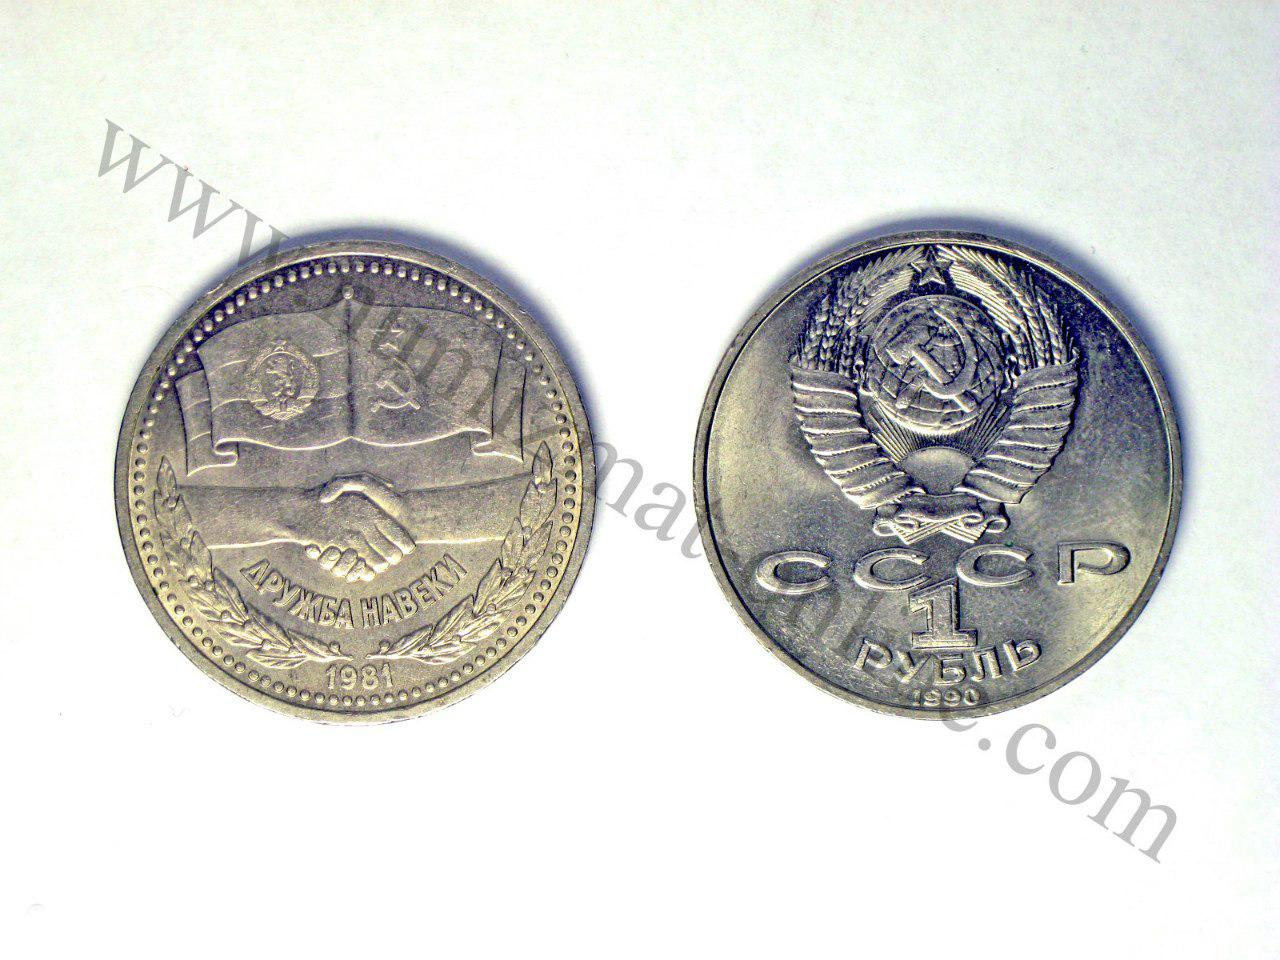 1981 (1 рубль) Советско-болгарская дружба